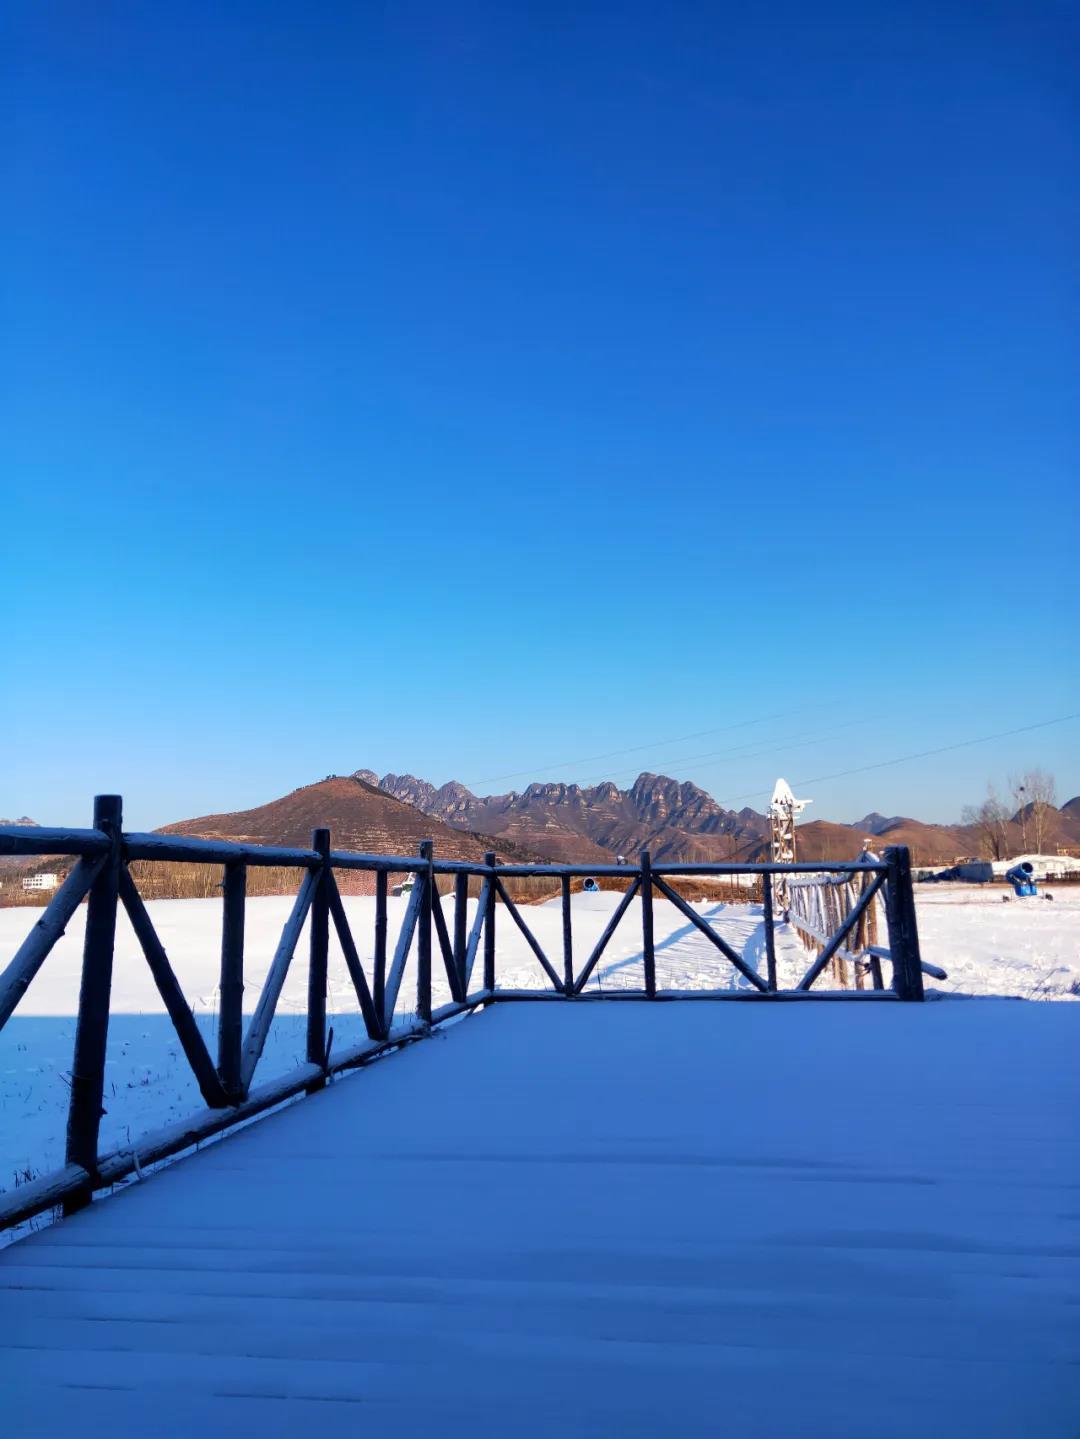 狼牙山滑雪场12月18日开园!试滑期门票70元!  第3张